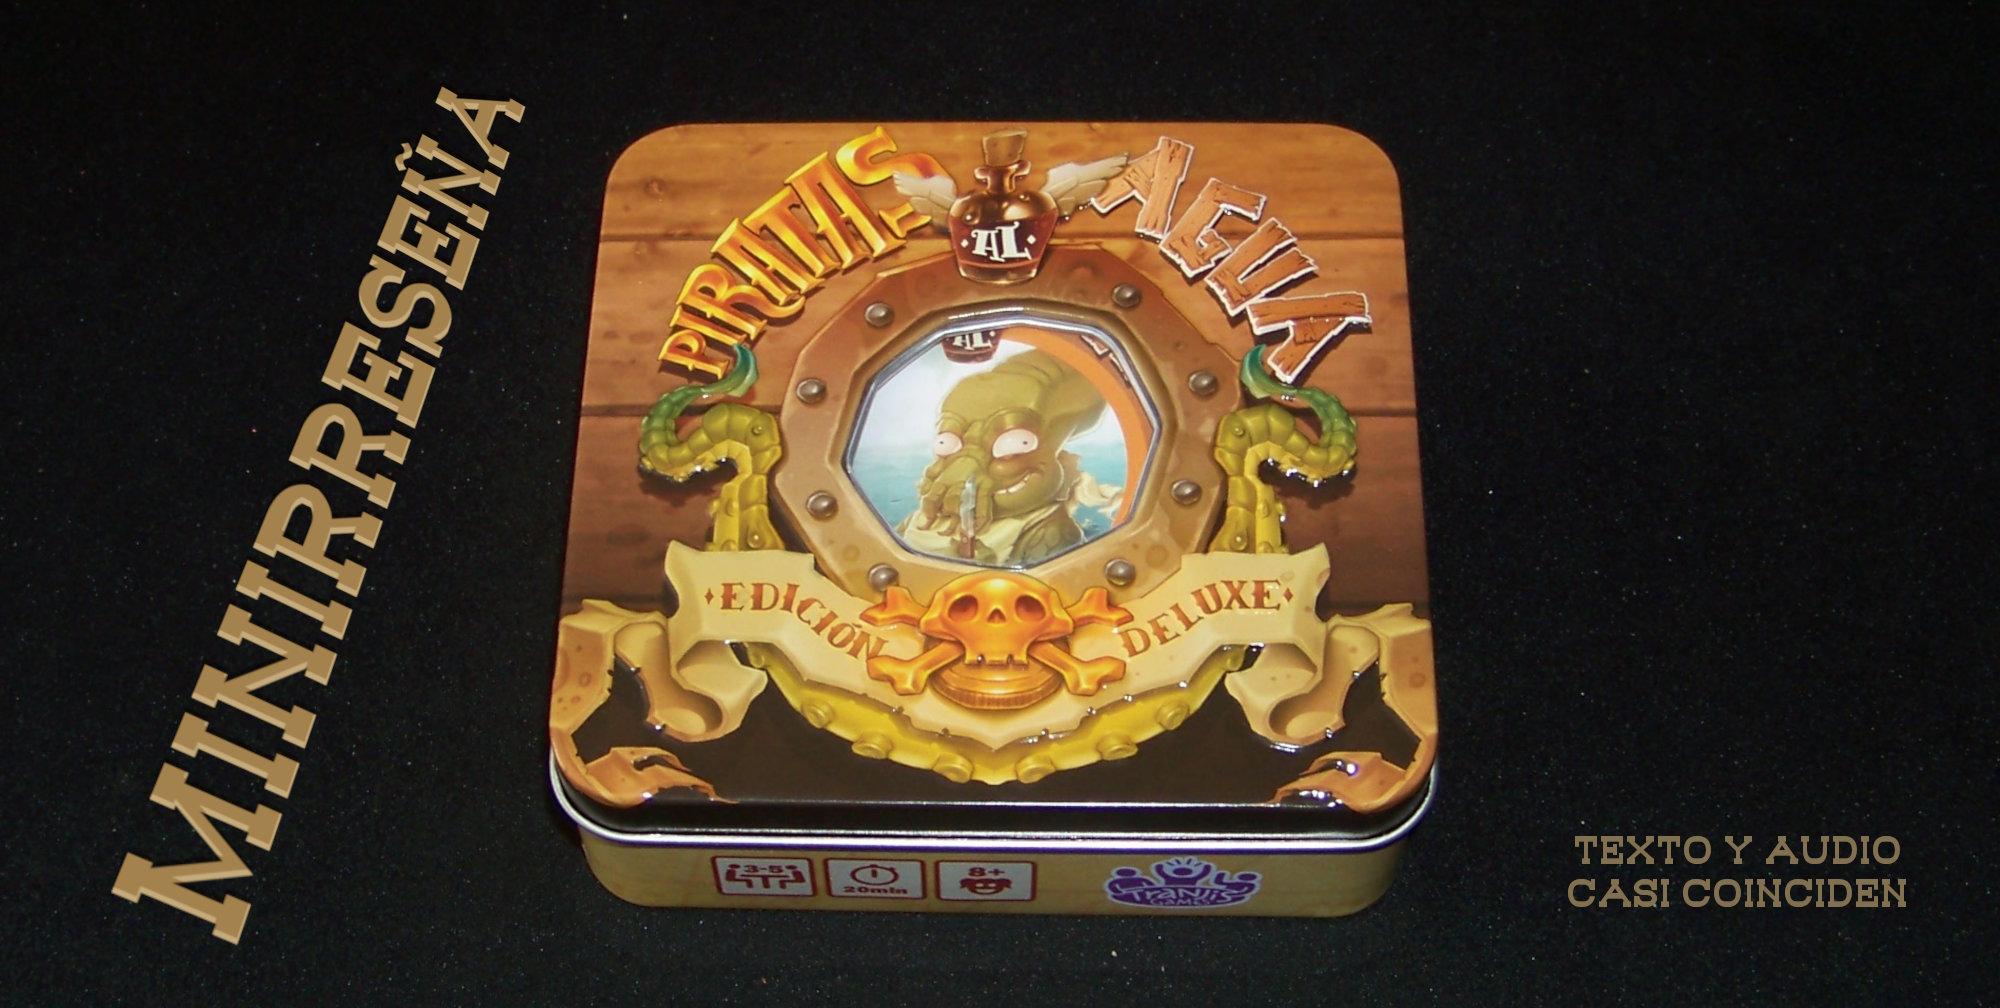 Juego de mesa Piratas al agua - Carátula